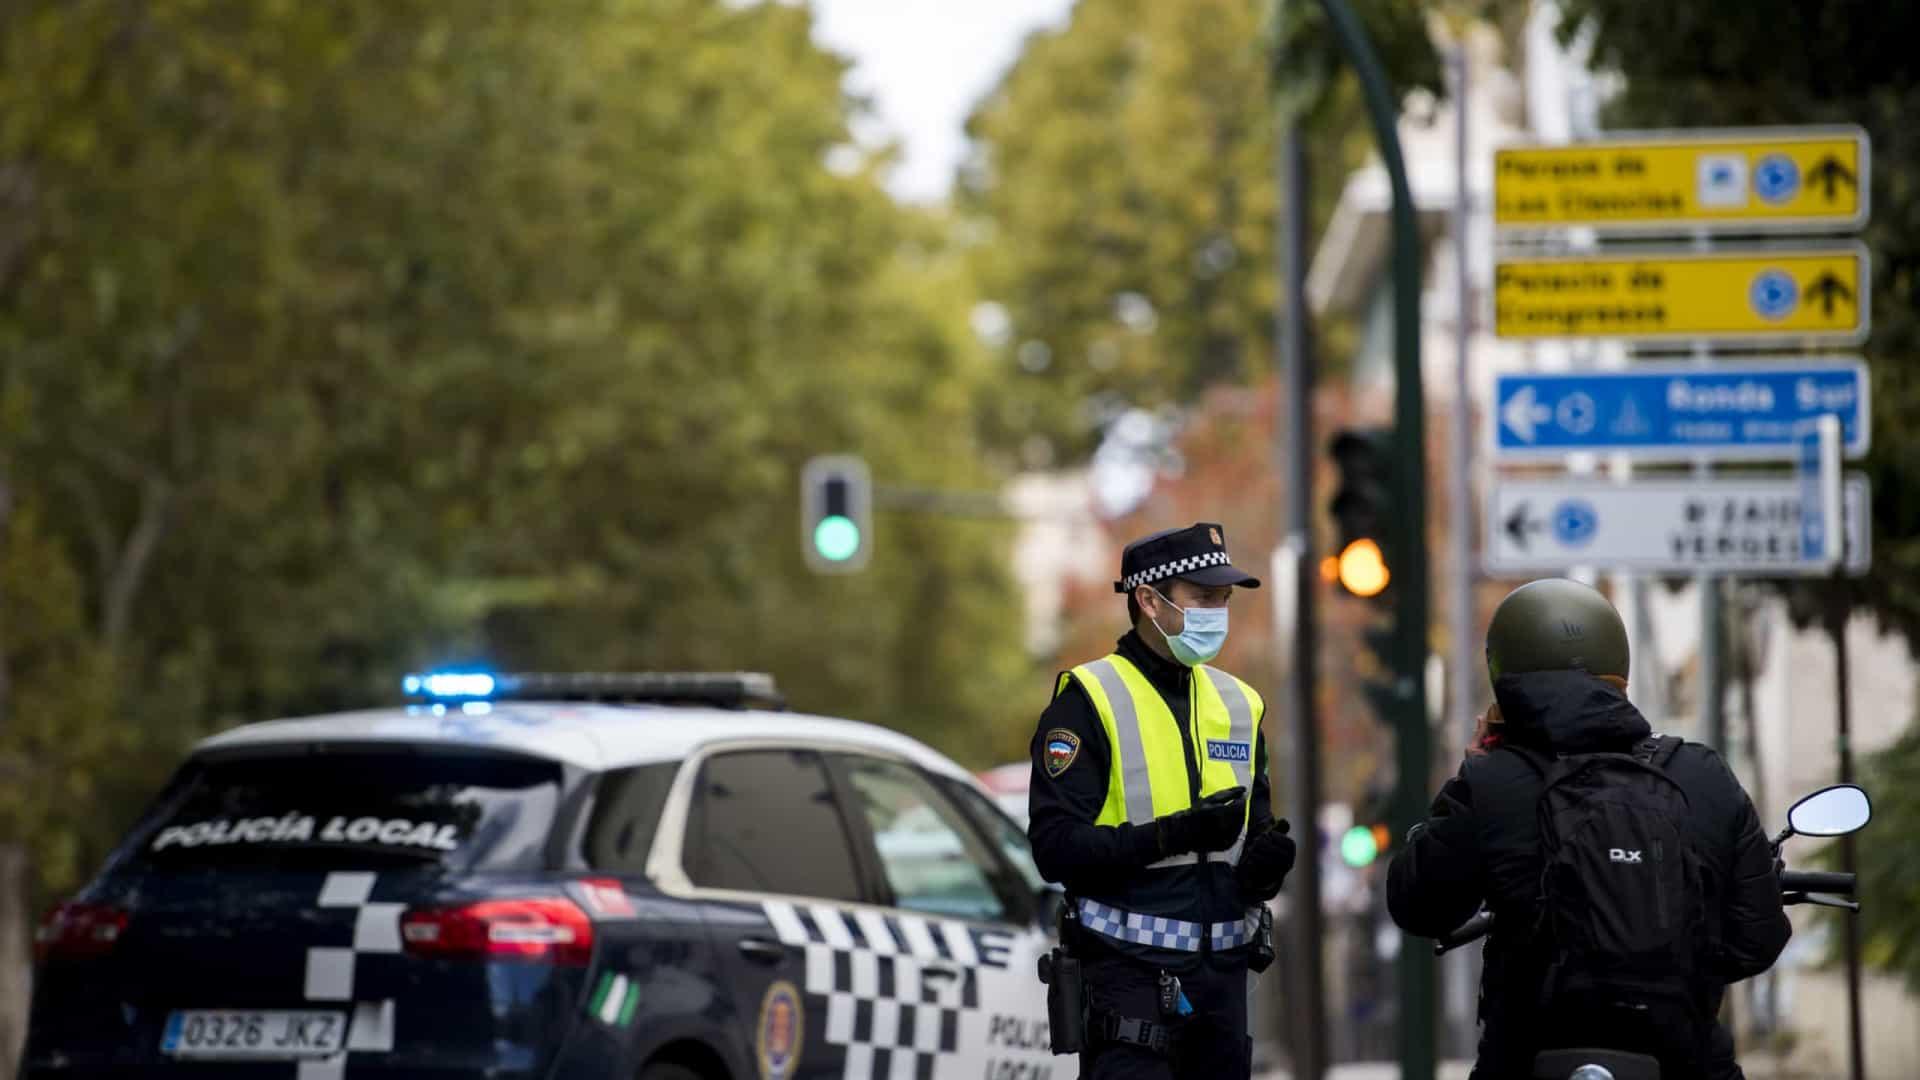 naom 5f971137db77d - Covid-19: Espanha com mais 52.188 casos e 279 mortes desde sexta-feira